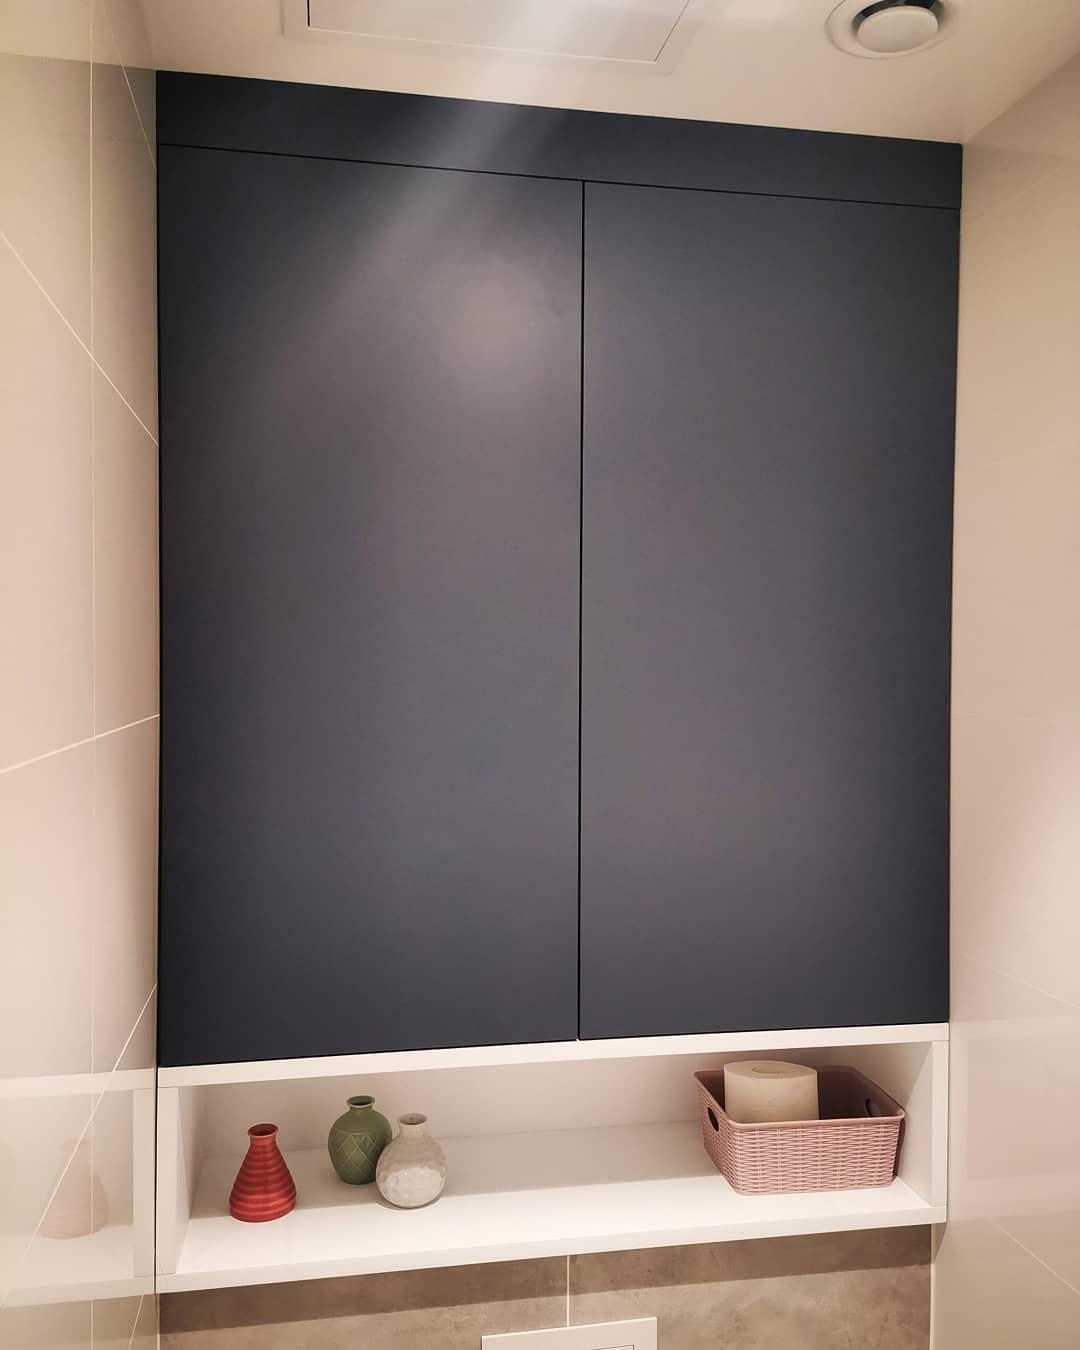 Встроенный шкафчик над инсталляцией в сан. узел